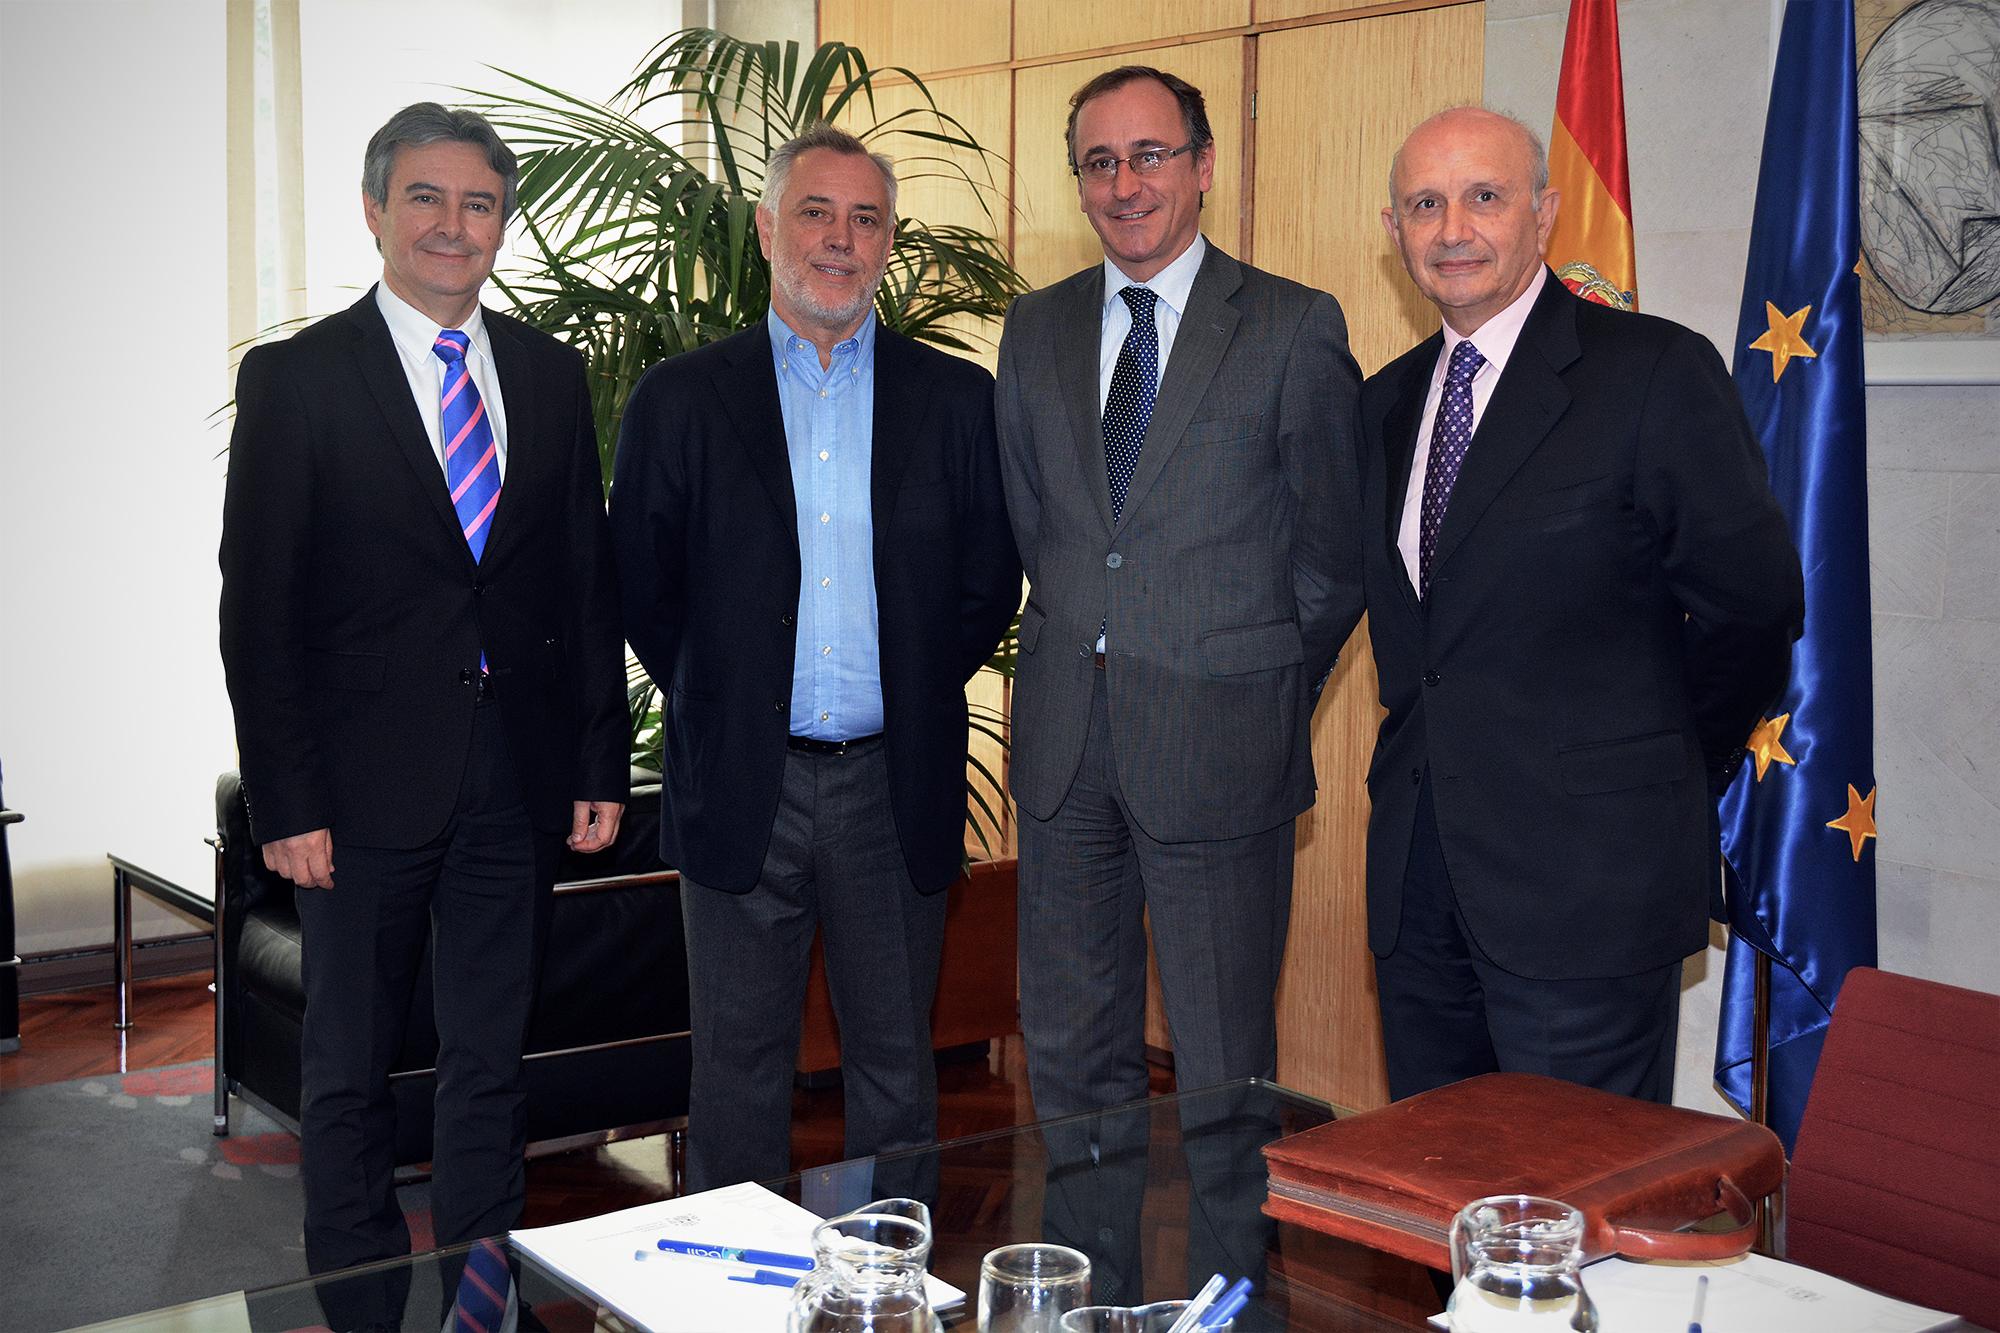 De izqa a dcha: Rubén Moreno, Víctor Aznar, Alfonso Alonso y Máximo González Jurado